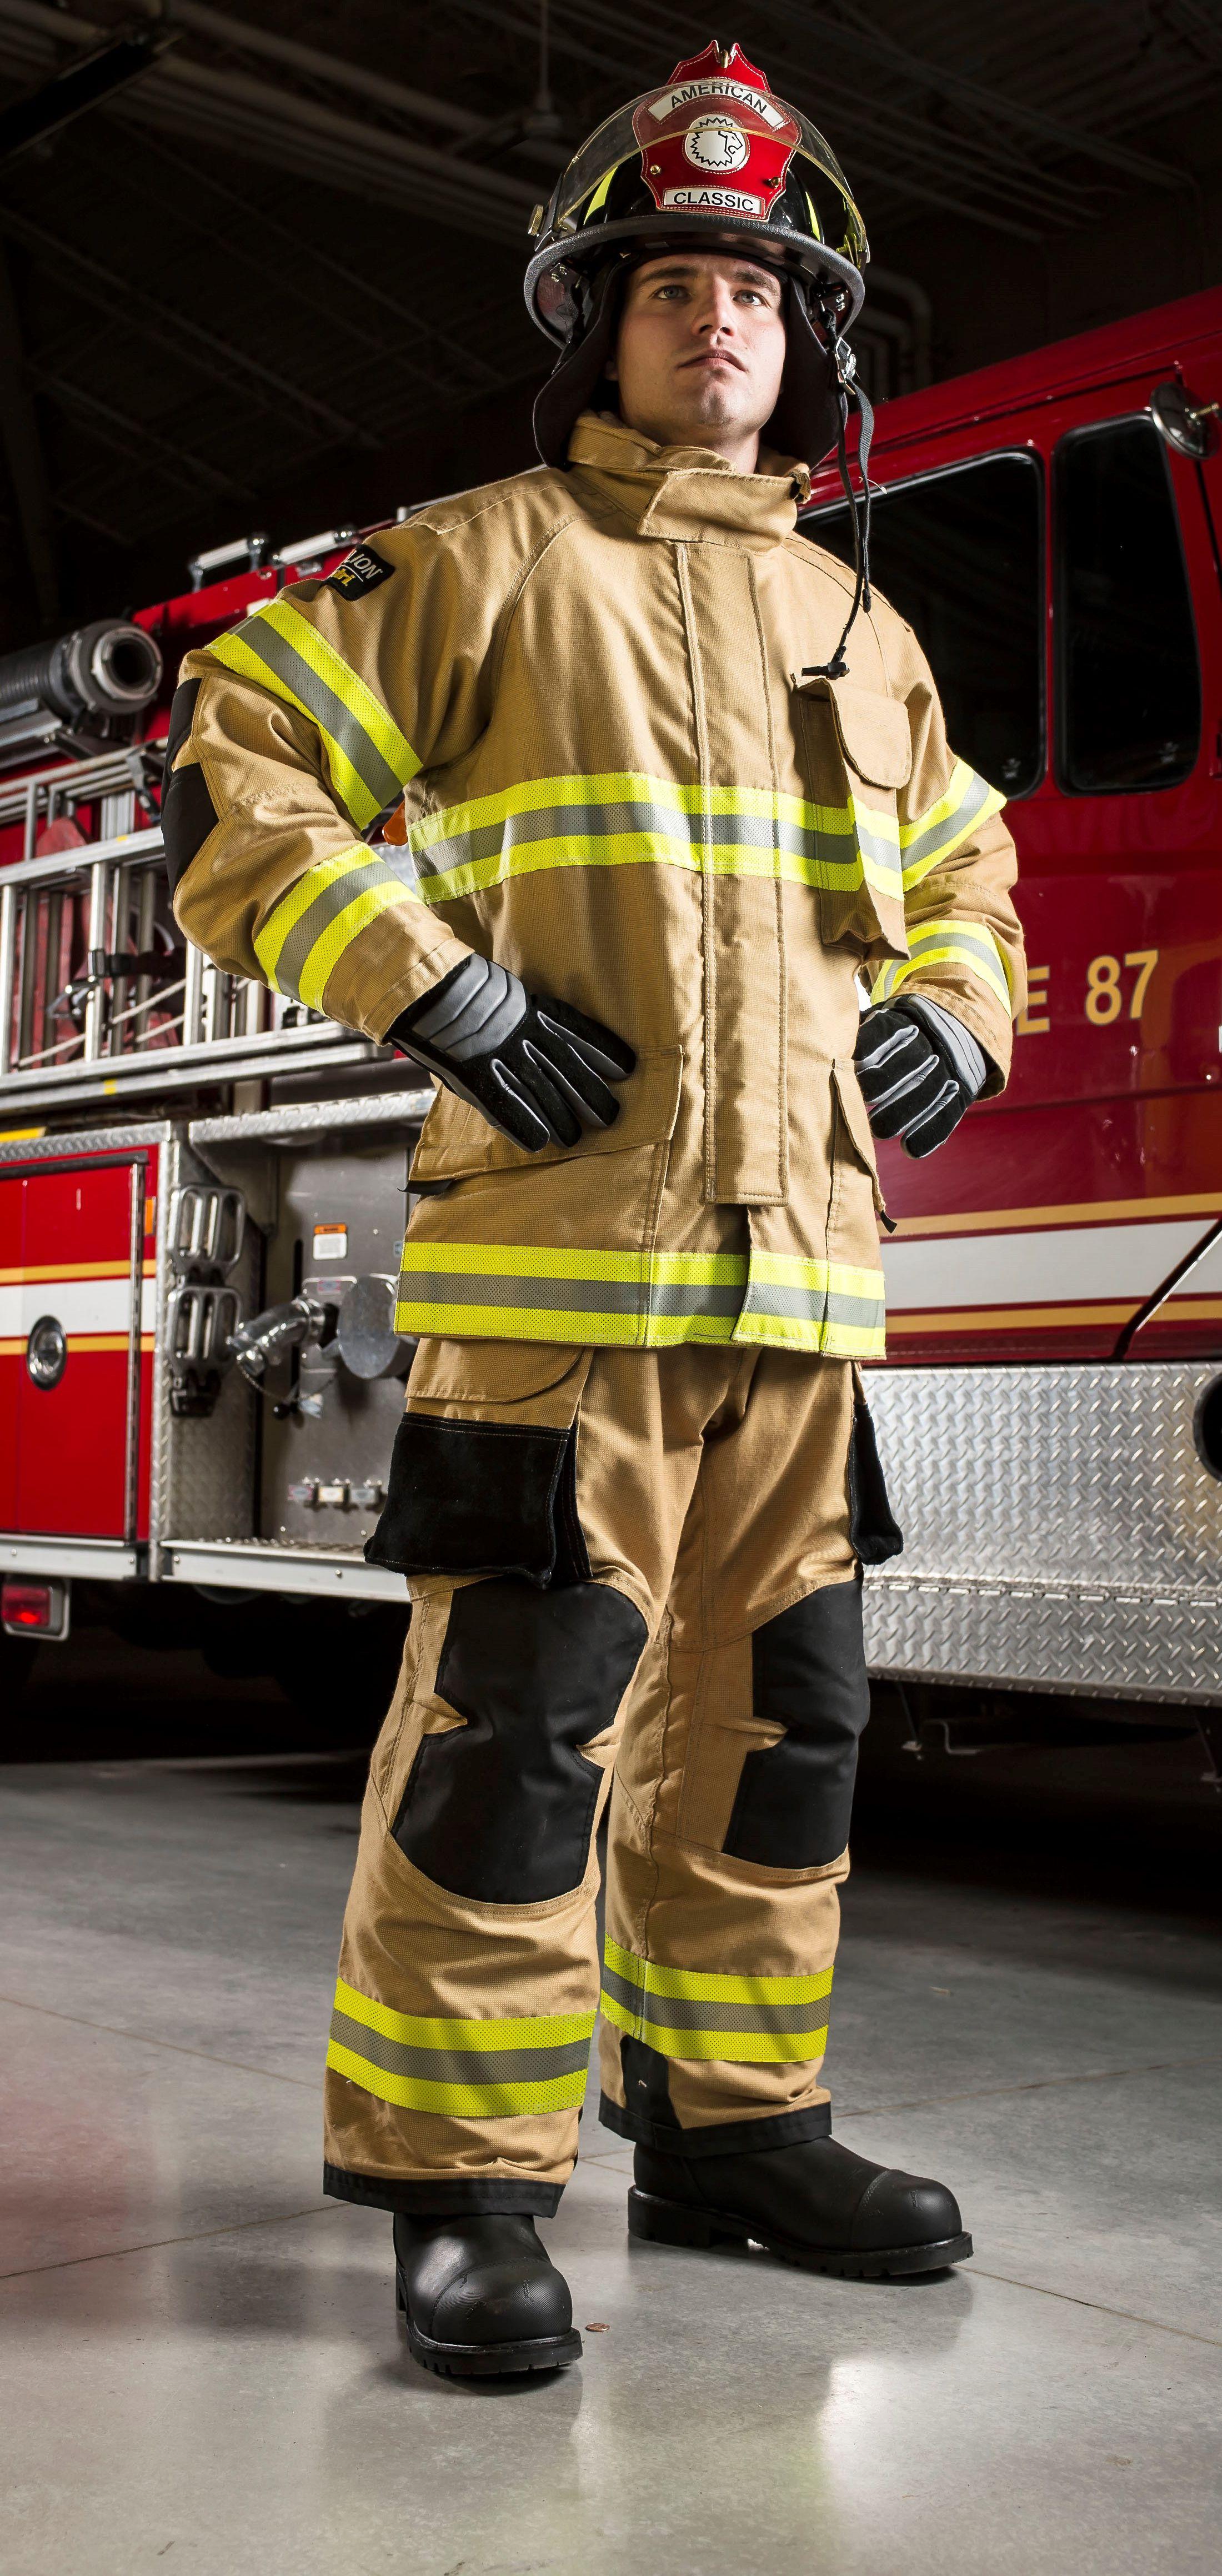 пожарная атрибутика пожарные фото пёс убить себя